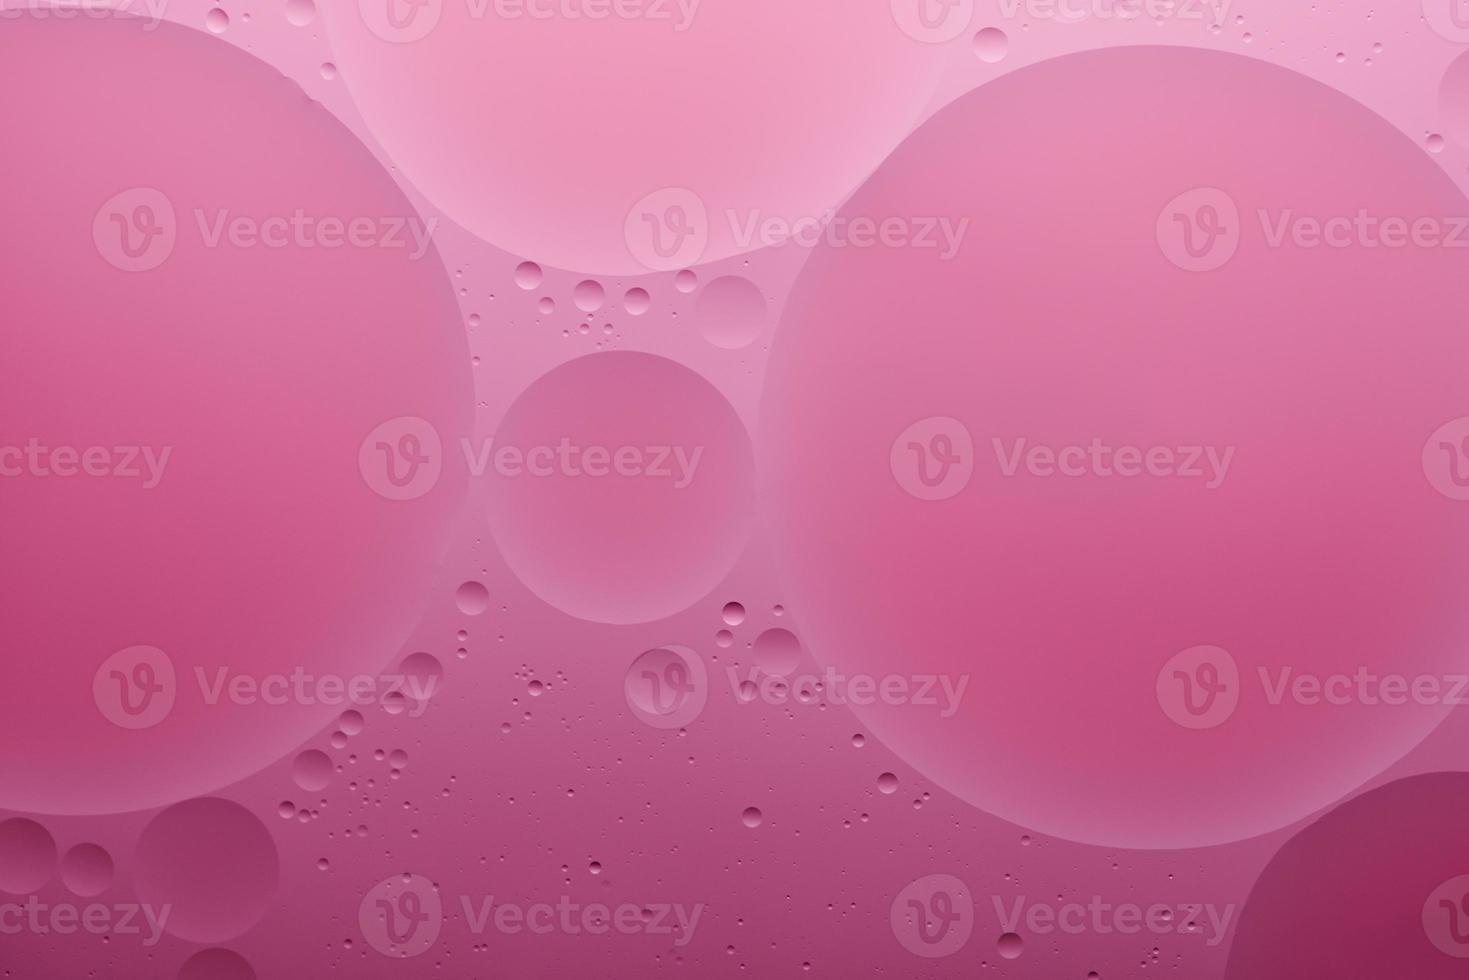 vatten och olja, färg abstrakt bakgrund baserad på rosa, rosa färg cirklar och ovaler, makro abstraktion, verkligt foto. foto